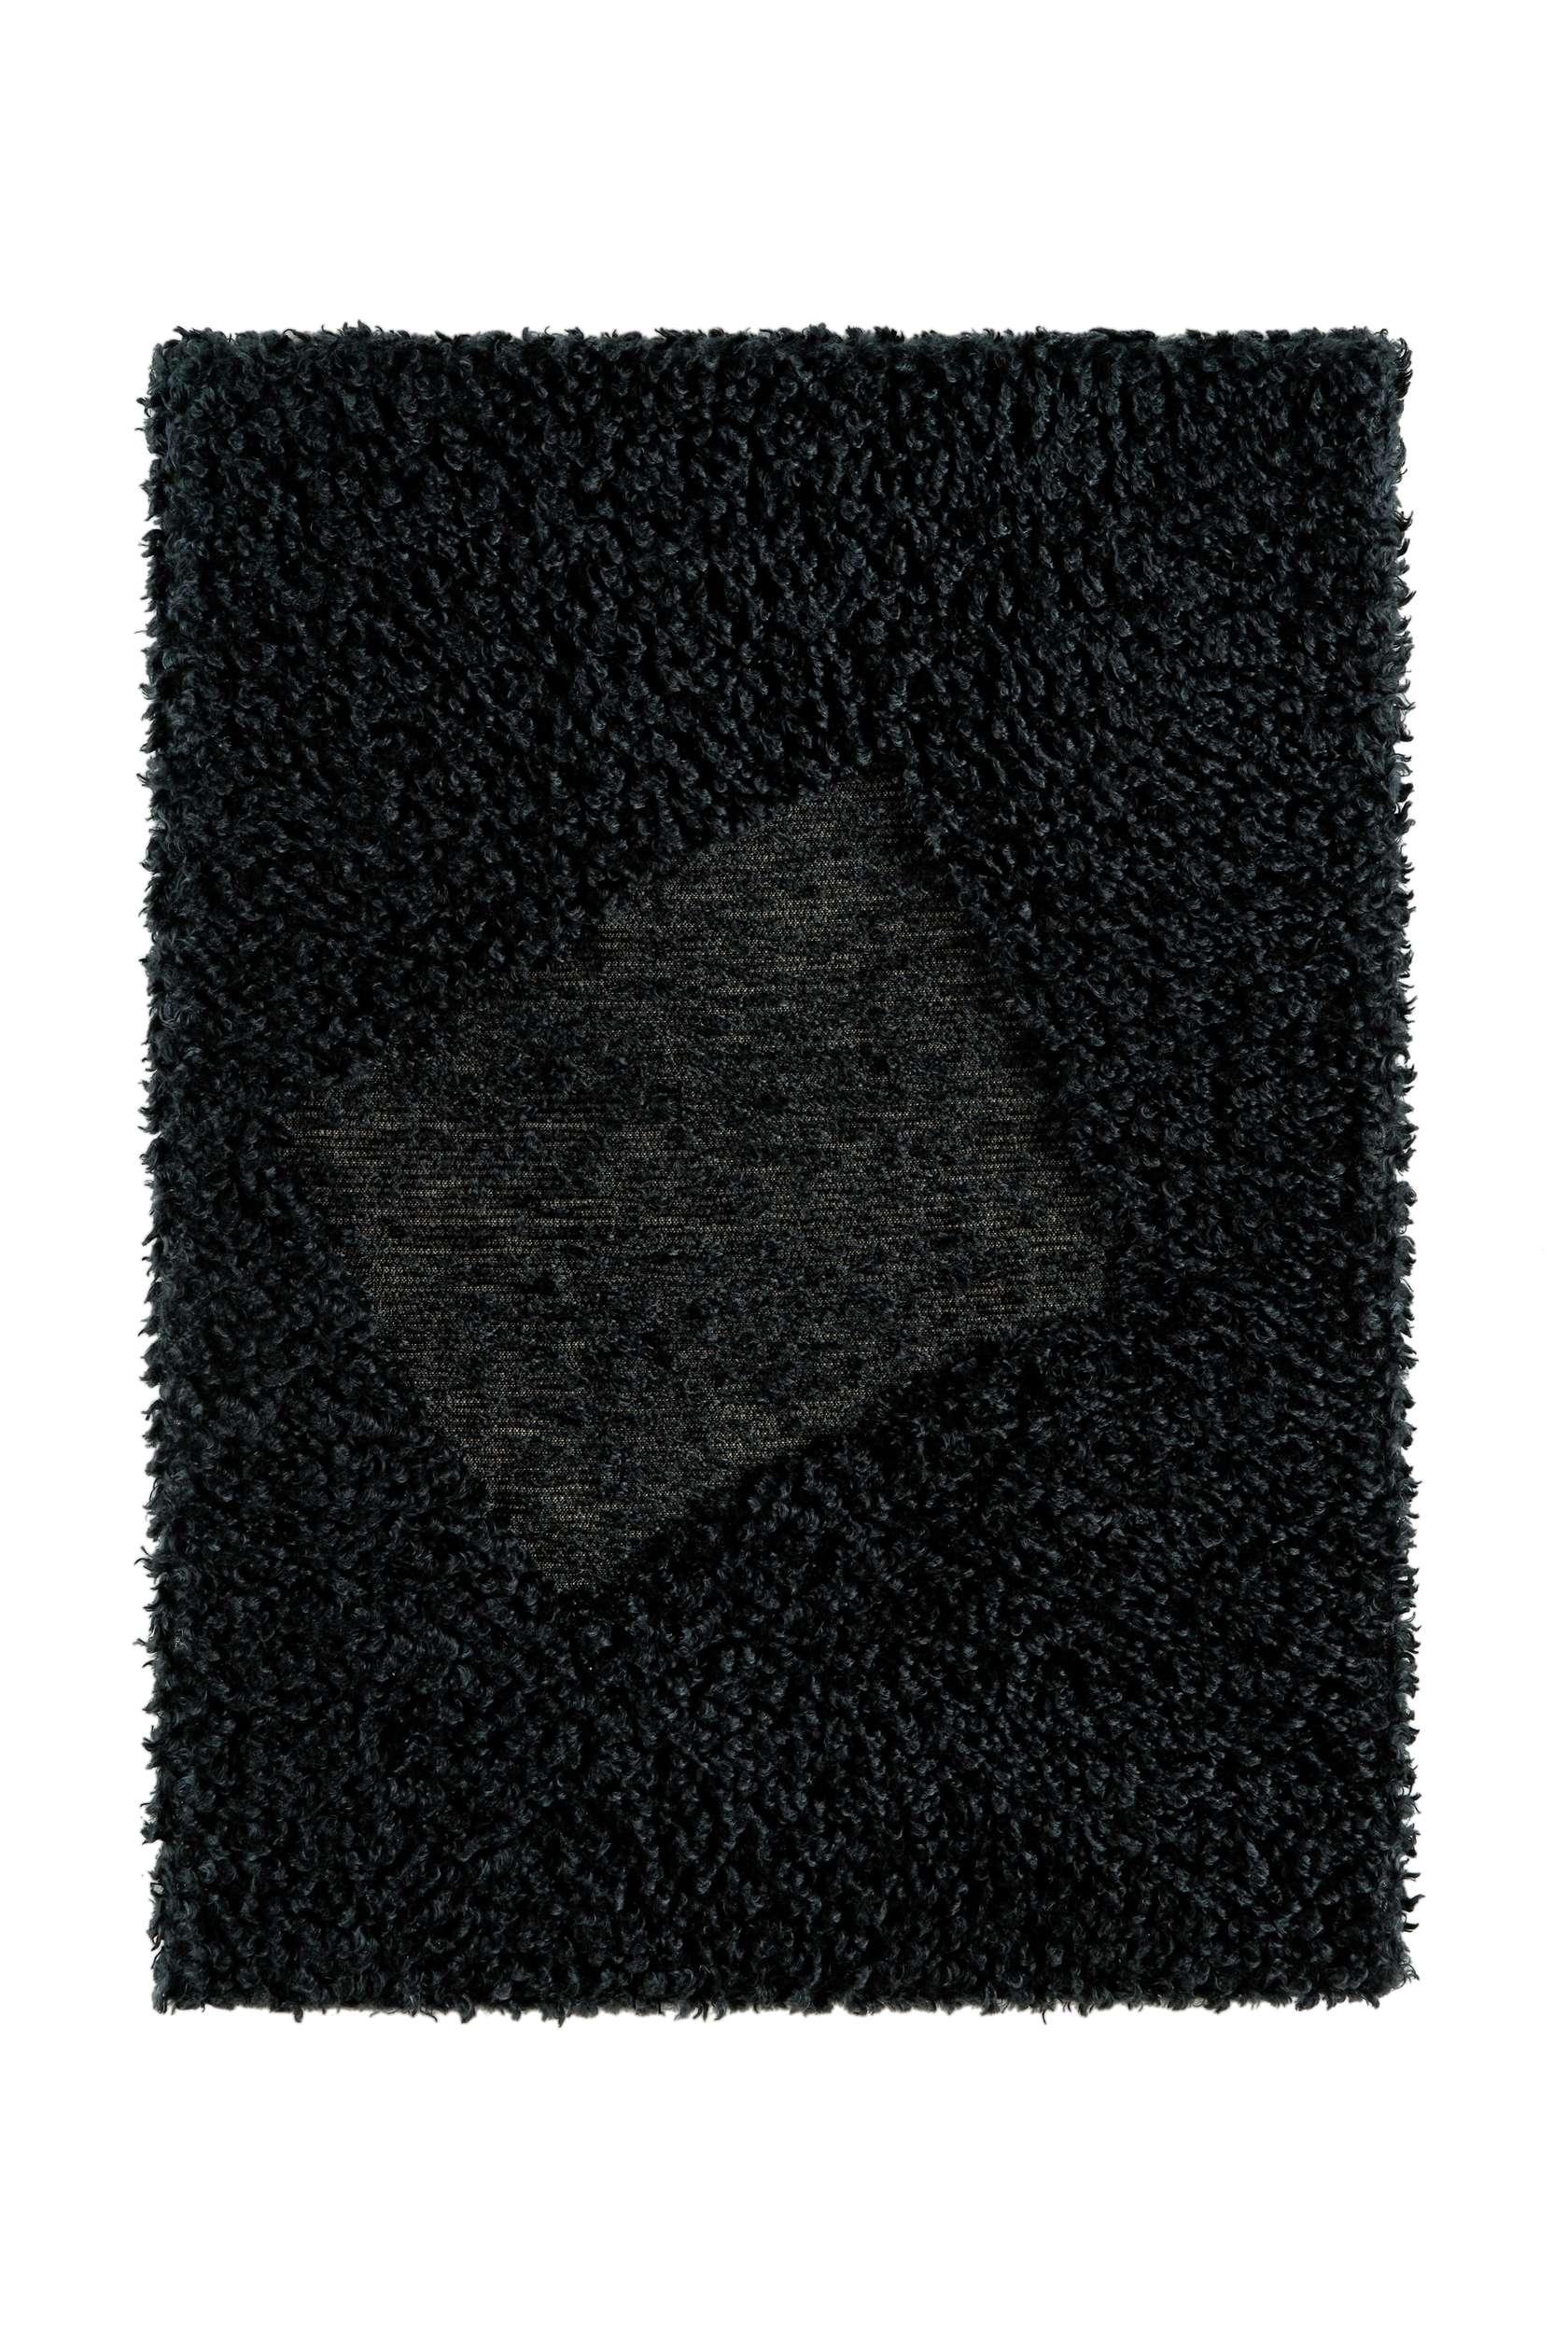 Présence Panchounette, Rasé tondu ou toile caniche, 1983 Moquette rasée tendue sur chassis